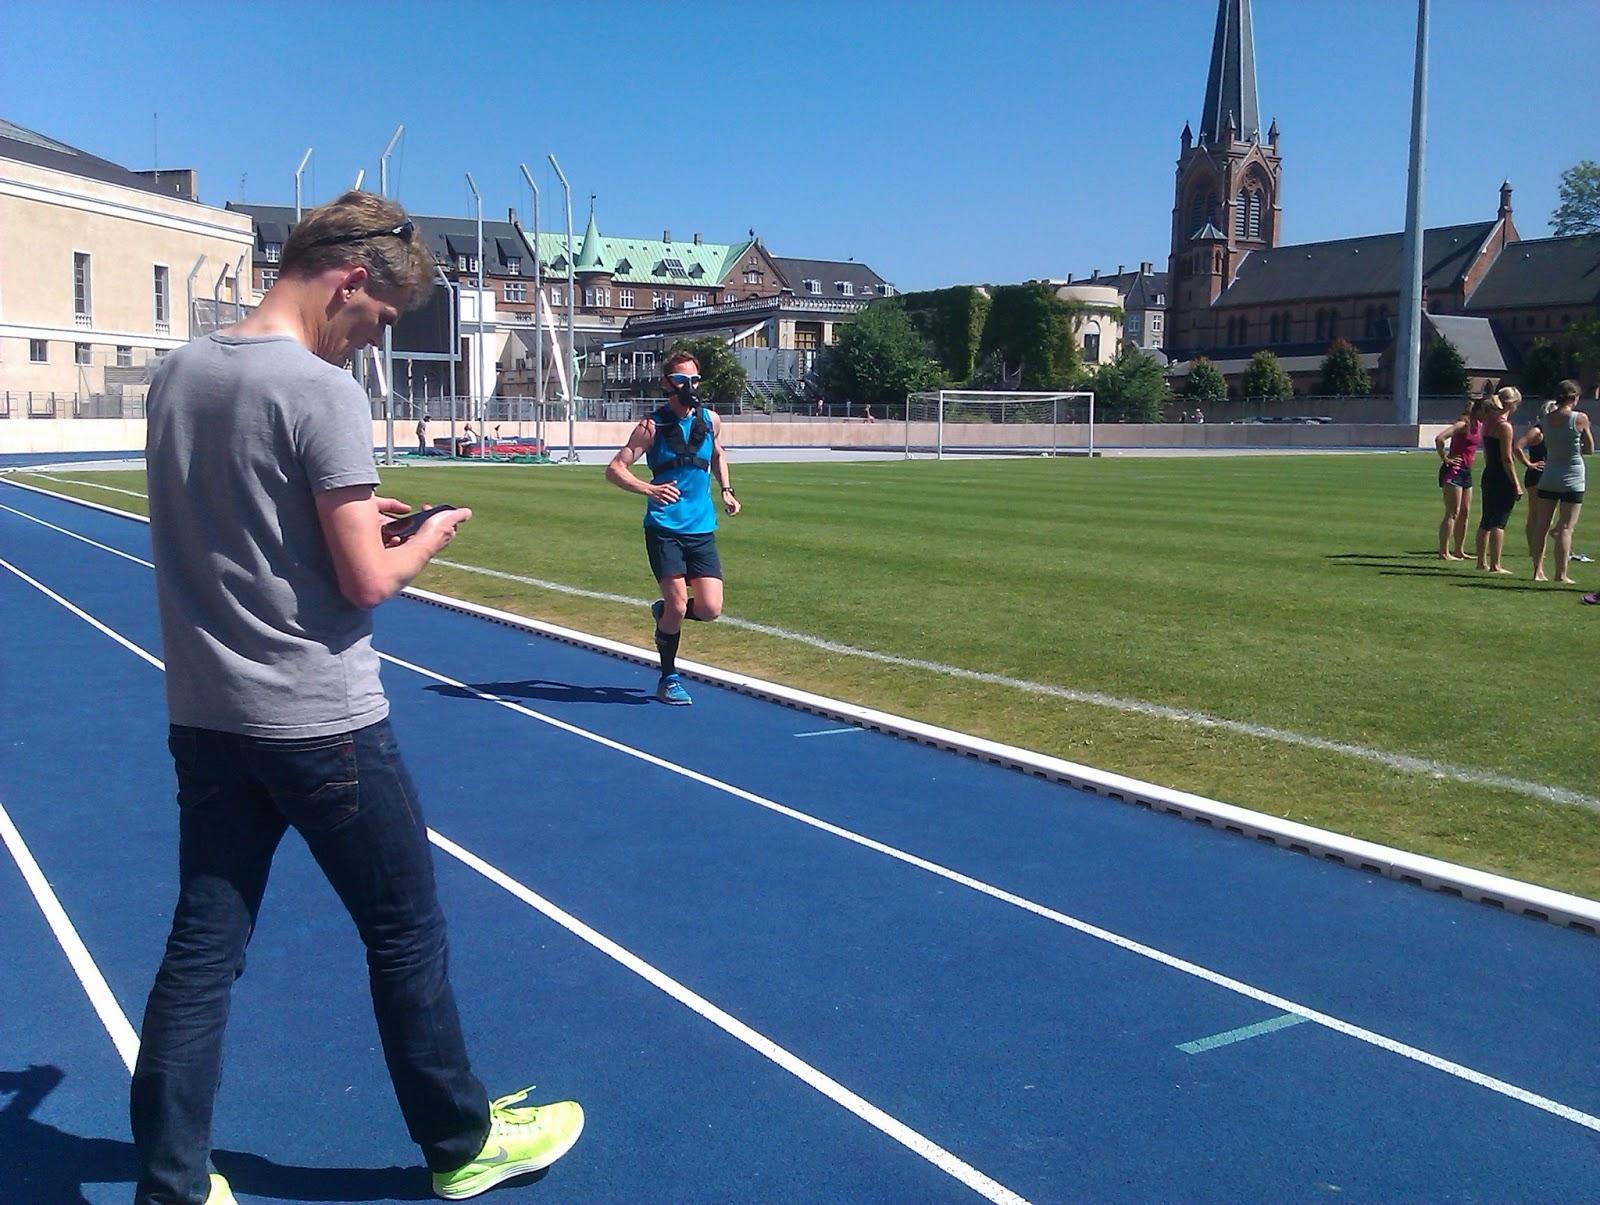 Nike Marathontest 2: Sådan testede løbere formen